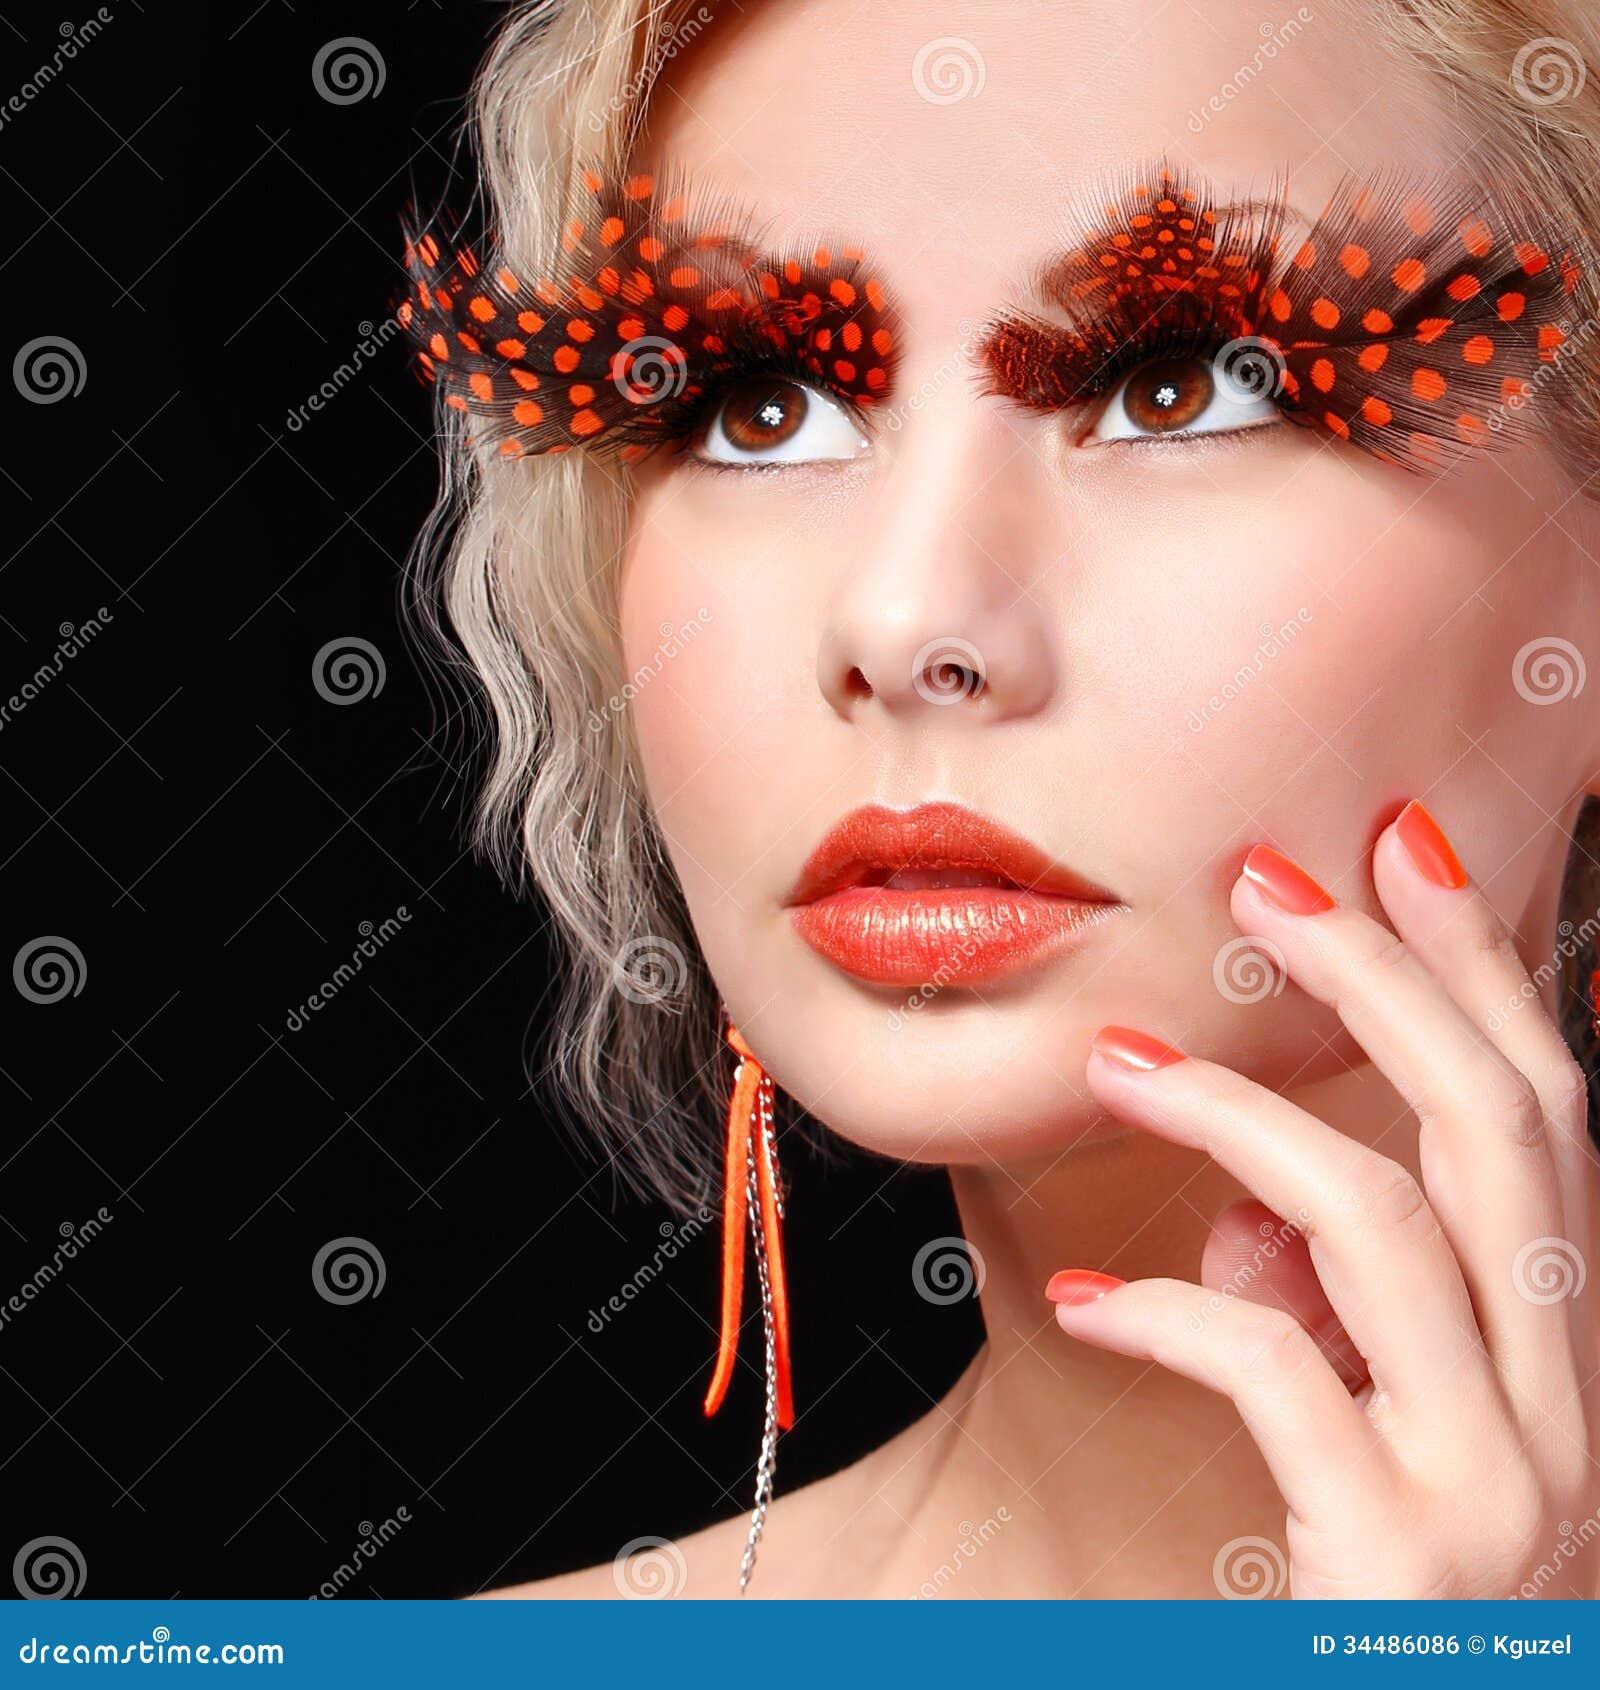 blonde eyelashes fashion halloween long makeup - Halloween Makeup Professional